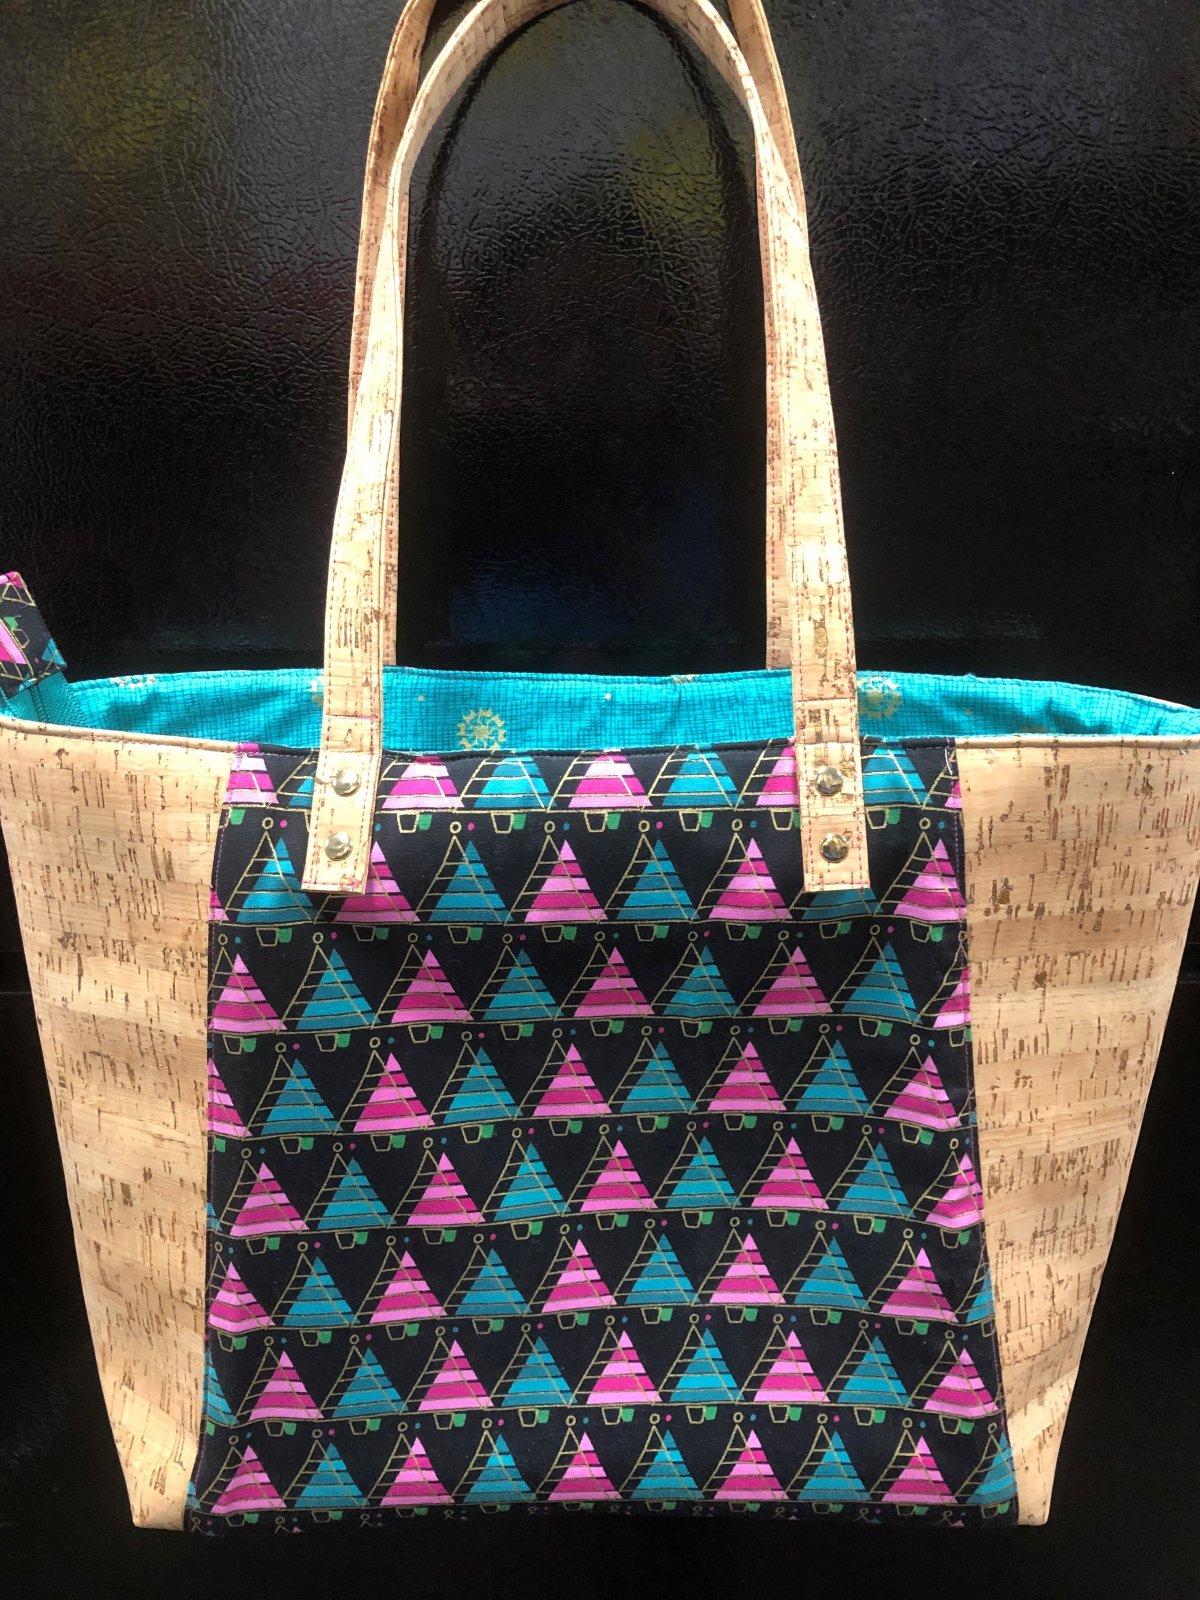 Tote Bag sample